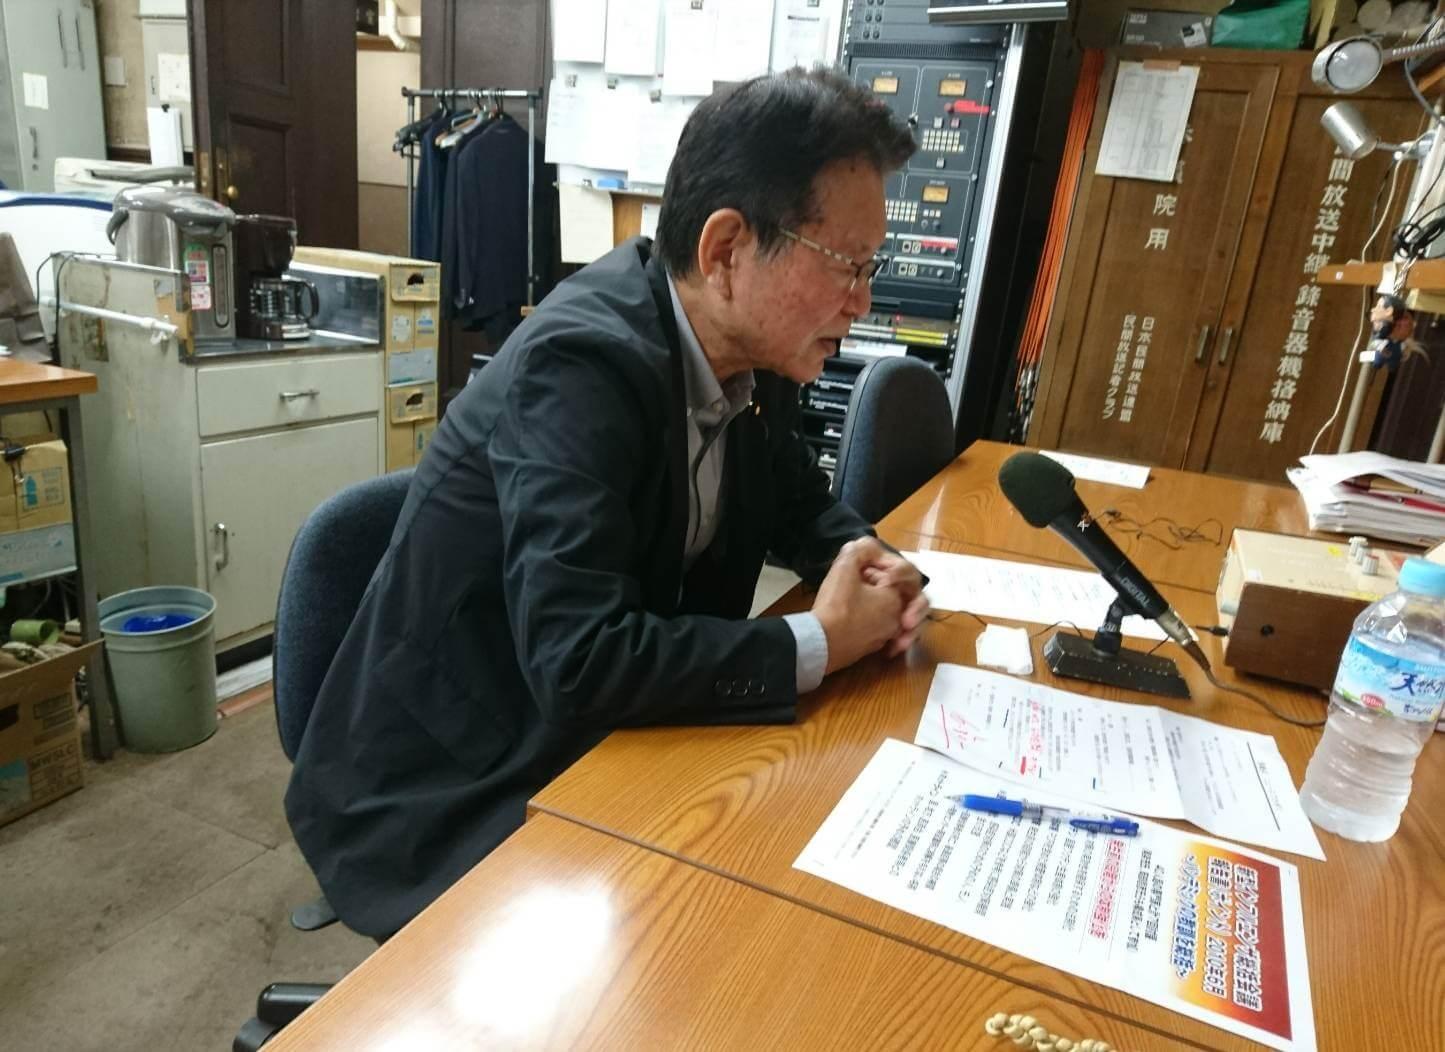 立憲民主党・長妻昭議員「これからは噛み合った議論ができる総理を」~斉藤一美ニュースワイドSAKIDORI!